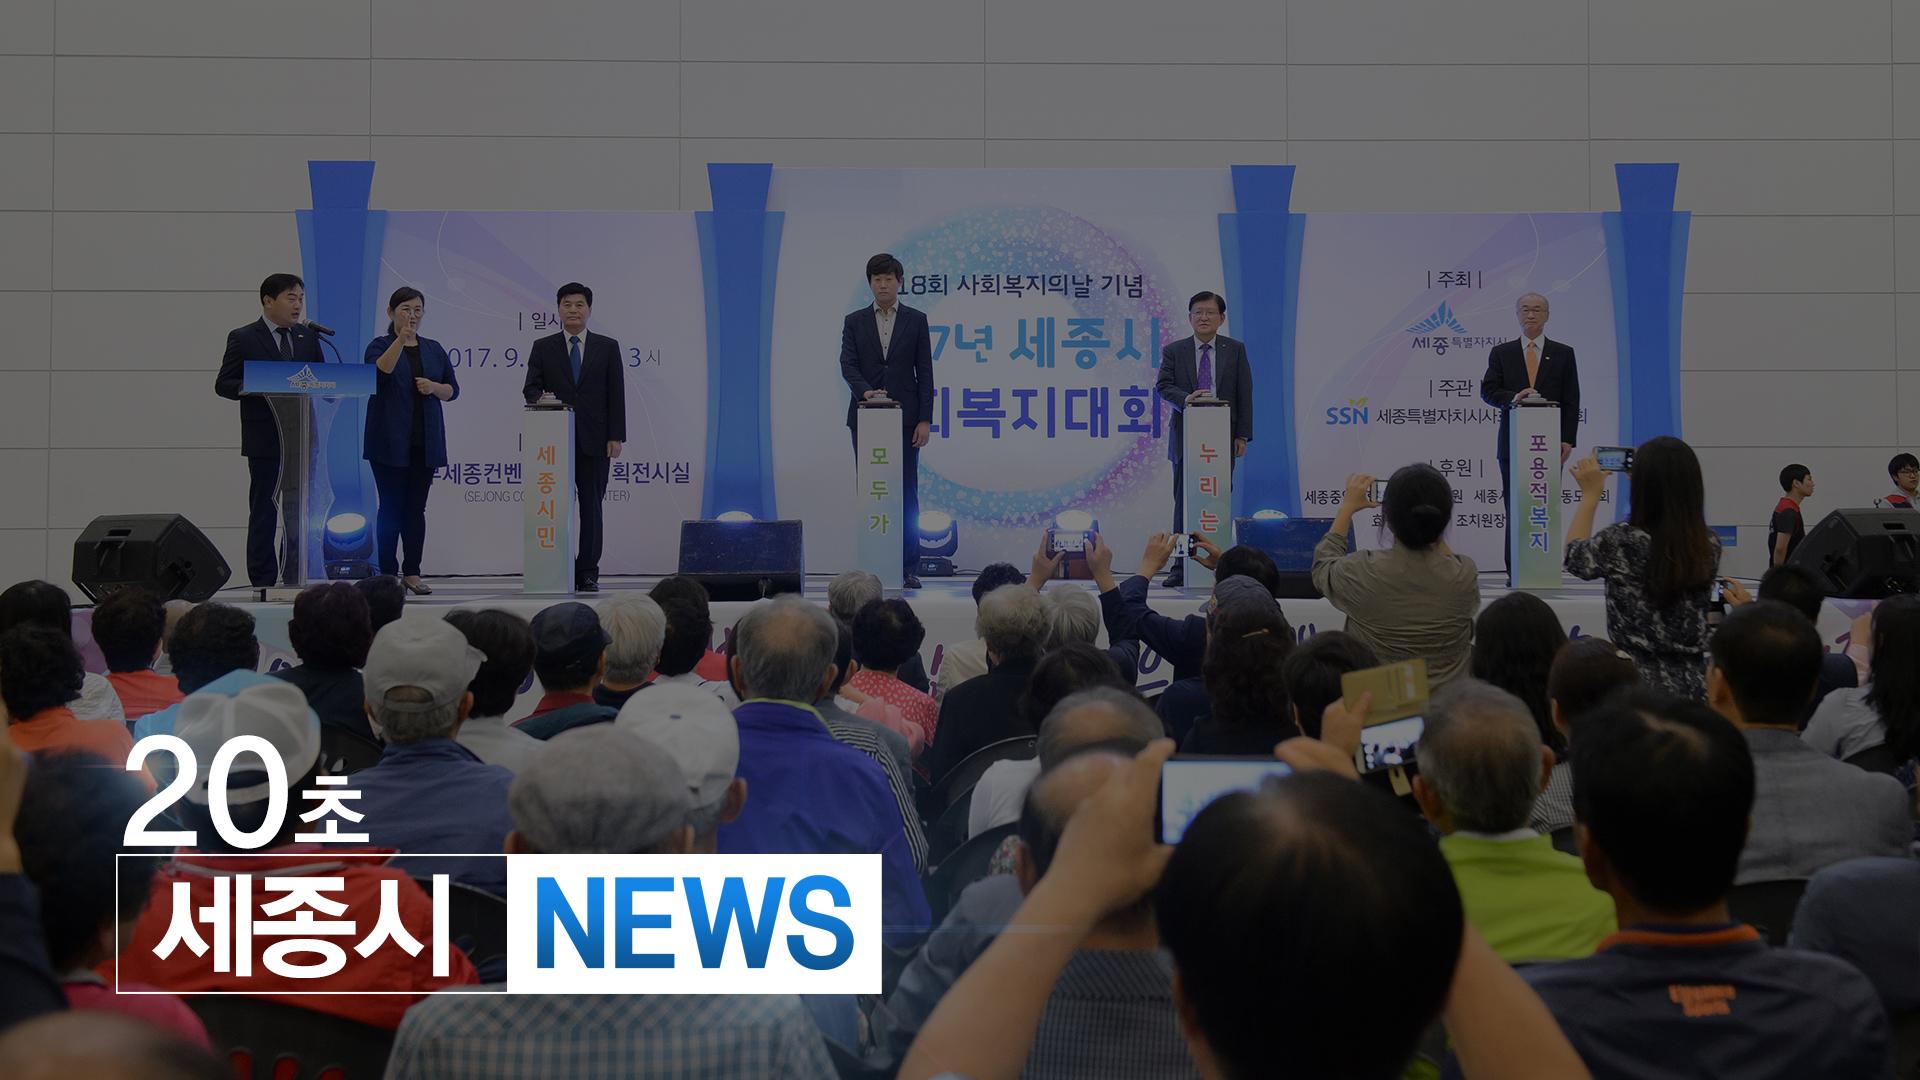 <20초뉴스> 세종시, 사회복지의 날 기념행사